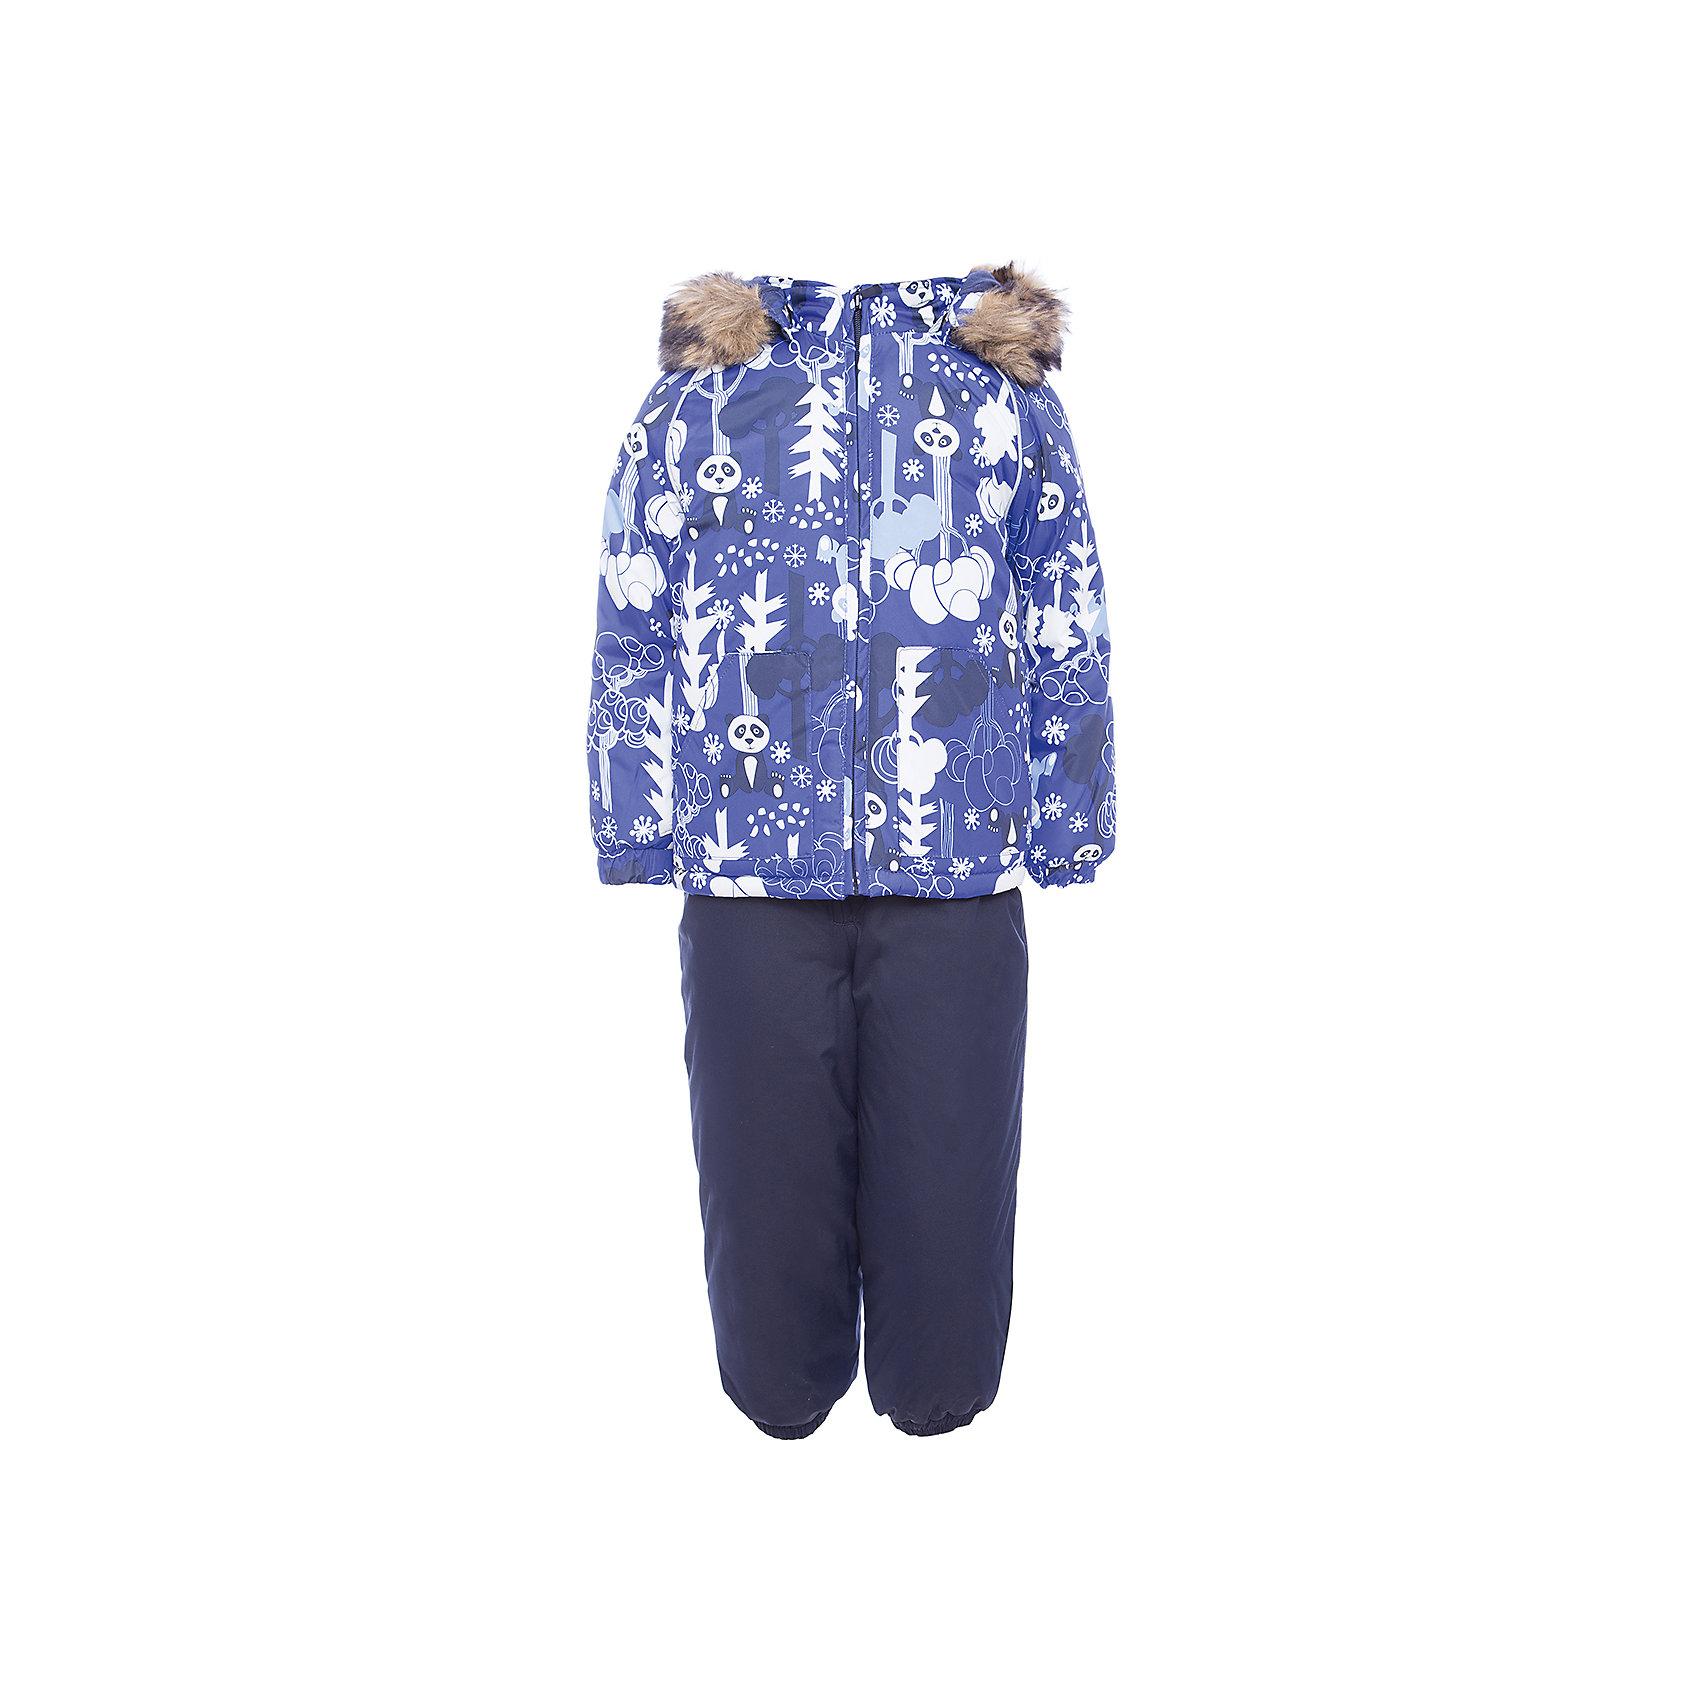 Комплект: куртка и брюки AVERY HuppaКомплекты<br>Комплект для малышей  AVERY.Водо и воздухонепроницаемость 5 000 куртка / 10 000 брюки. Утеплитель 300 гр куртка/160 гр брюки. Подкладка фланель 100% хлопок.Отстегивающийся капюшон с мехом.Манжеты рукавов на резинке. Манжеты брюк на резинке.Добавлены петли для ступней.Резиновые подтяжки.Имеются светоотражательные элементы.<br>Состав:<br>100% Полиэстер<br><br>Ширина мм: 356<br>Глубина мм: 10<br>Высота мм: 245<br>Вес г: 519<br>Цвет: синий<br>Возраст от месяцев: 18<br>Возраст до месяцев: 24<br>Пол: Унисекс<br>Возраст: Детский<br>Размер: 92,98,104,80,86<br>SKU: 7027018